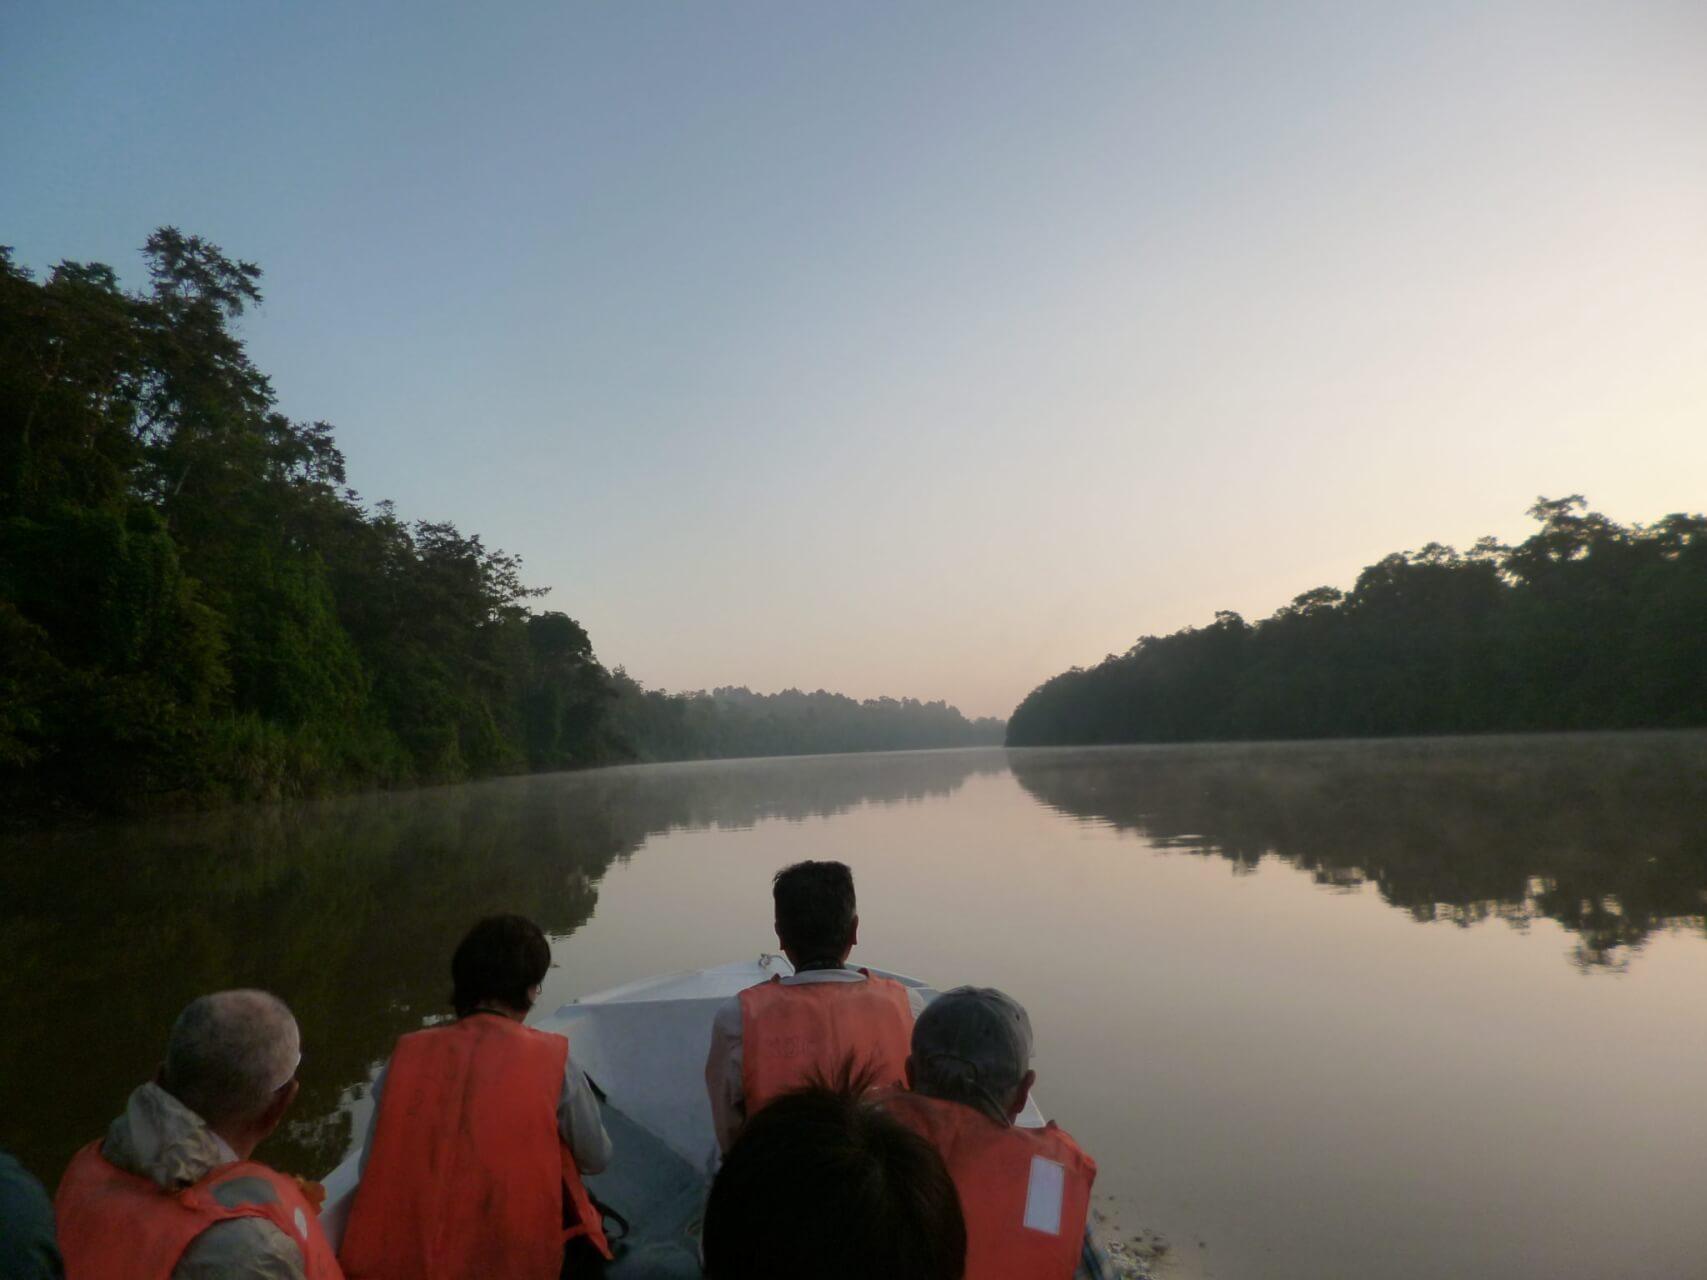 キナバタンガン川探検と野生動物の宝島ボルネオ  とことん満喫の旅